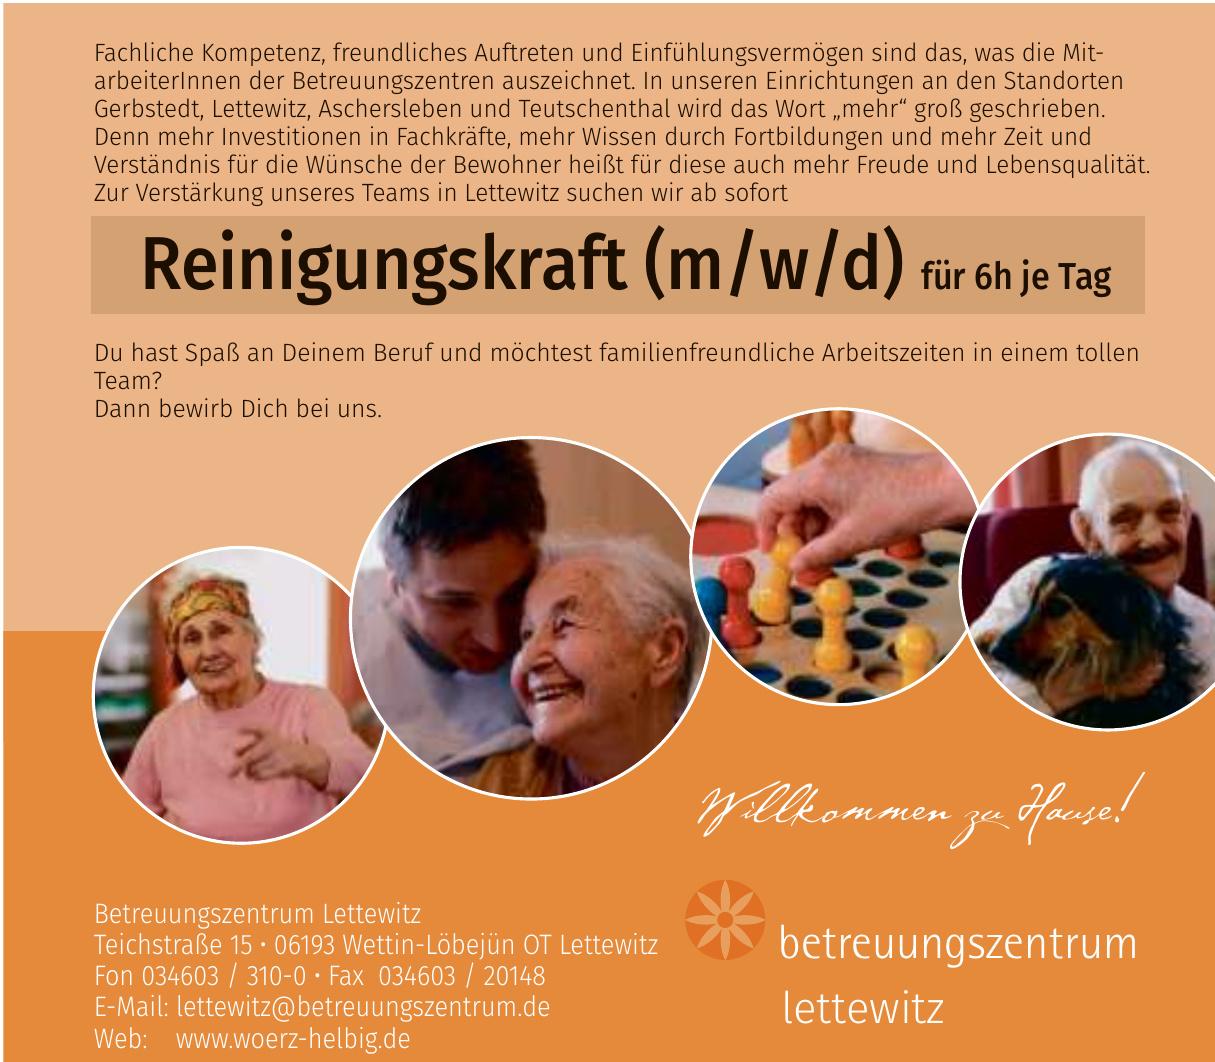 Betreuungszentrum Lettewitz